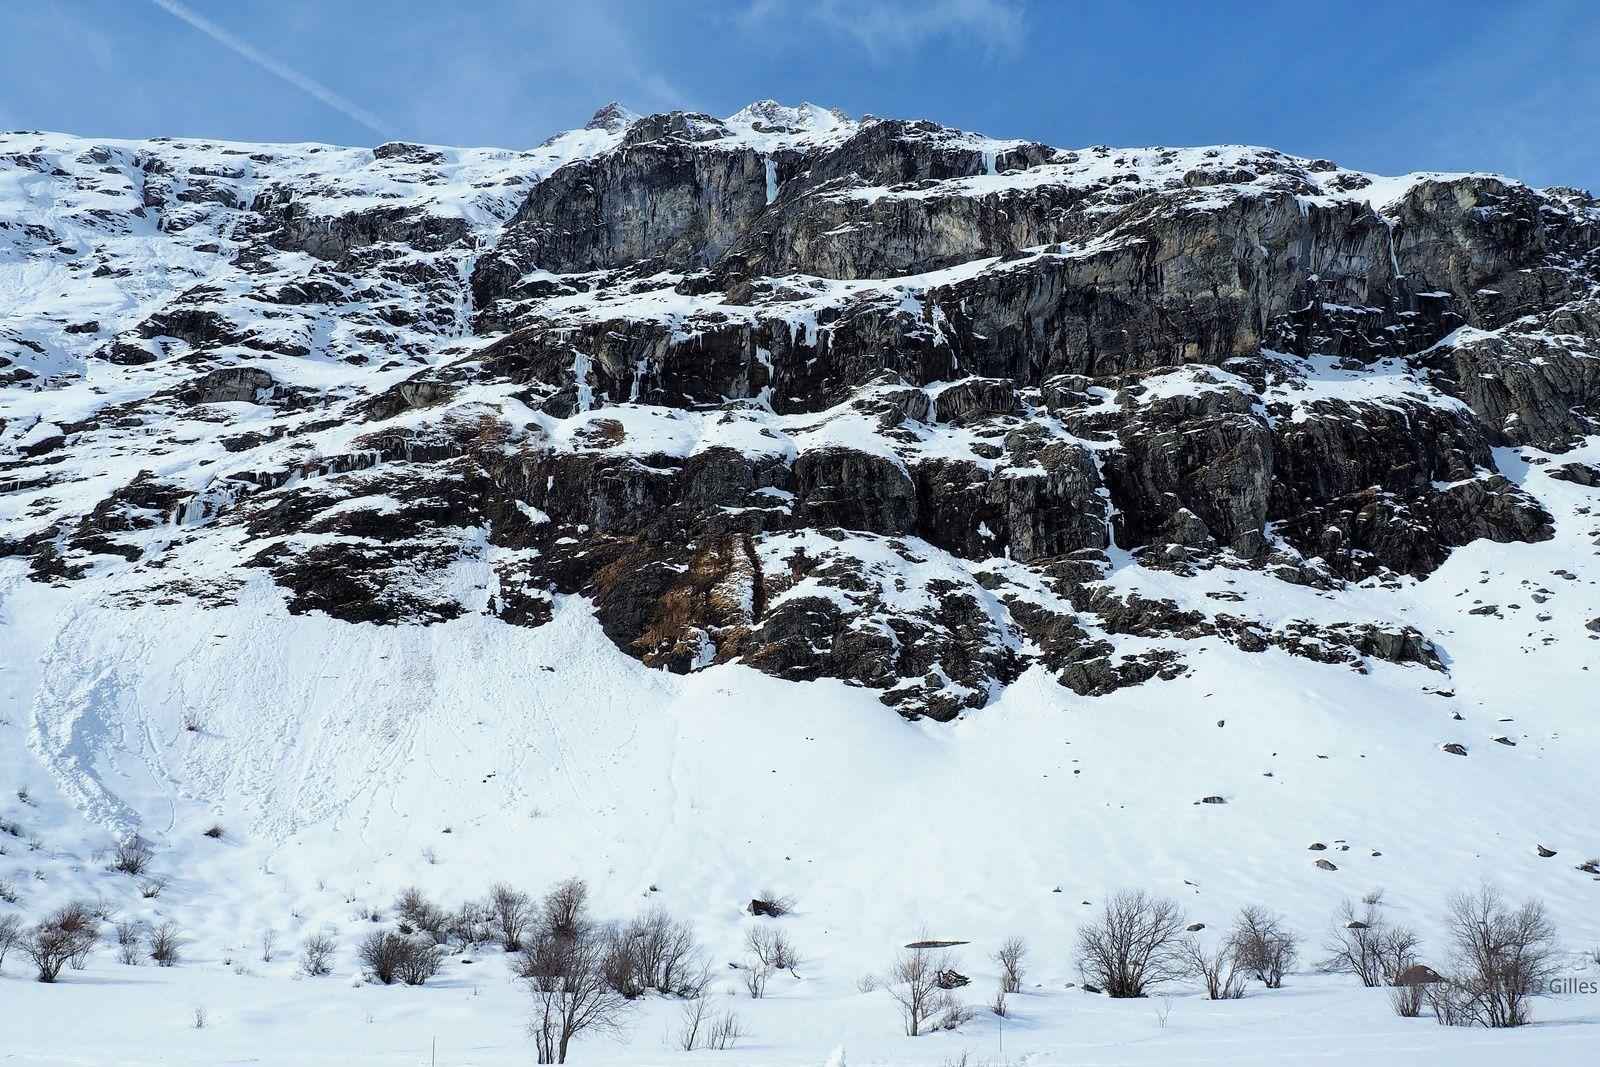 montagne à cascades (Bessans)